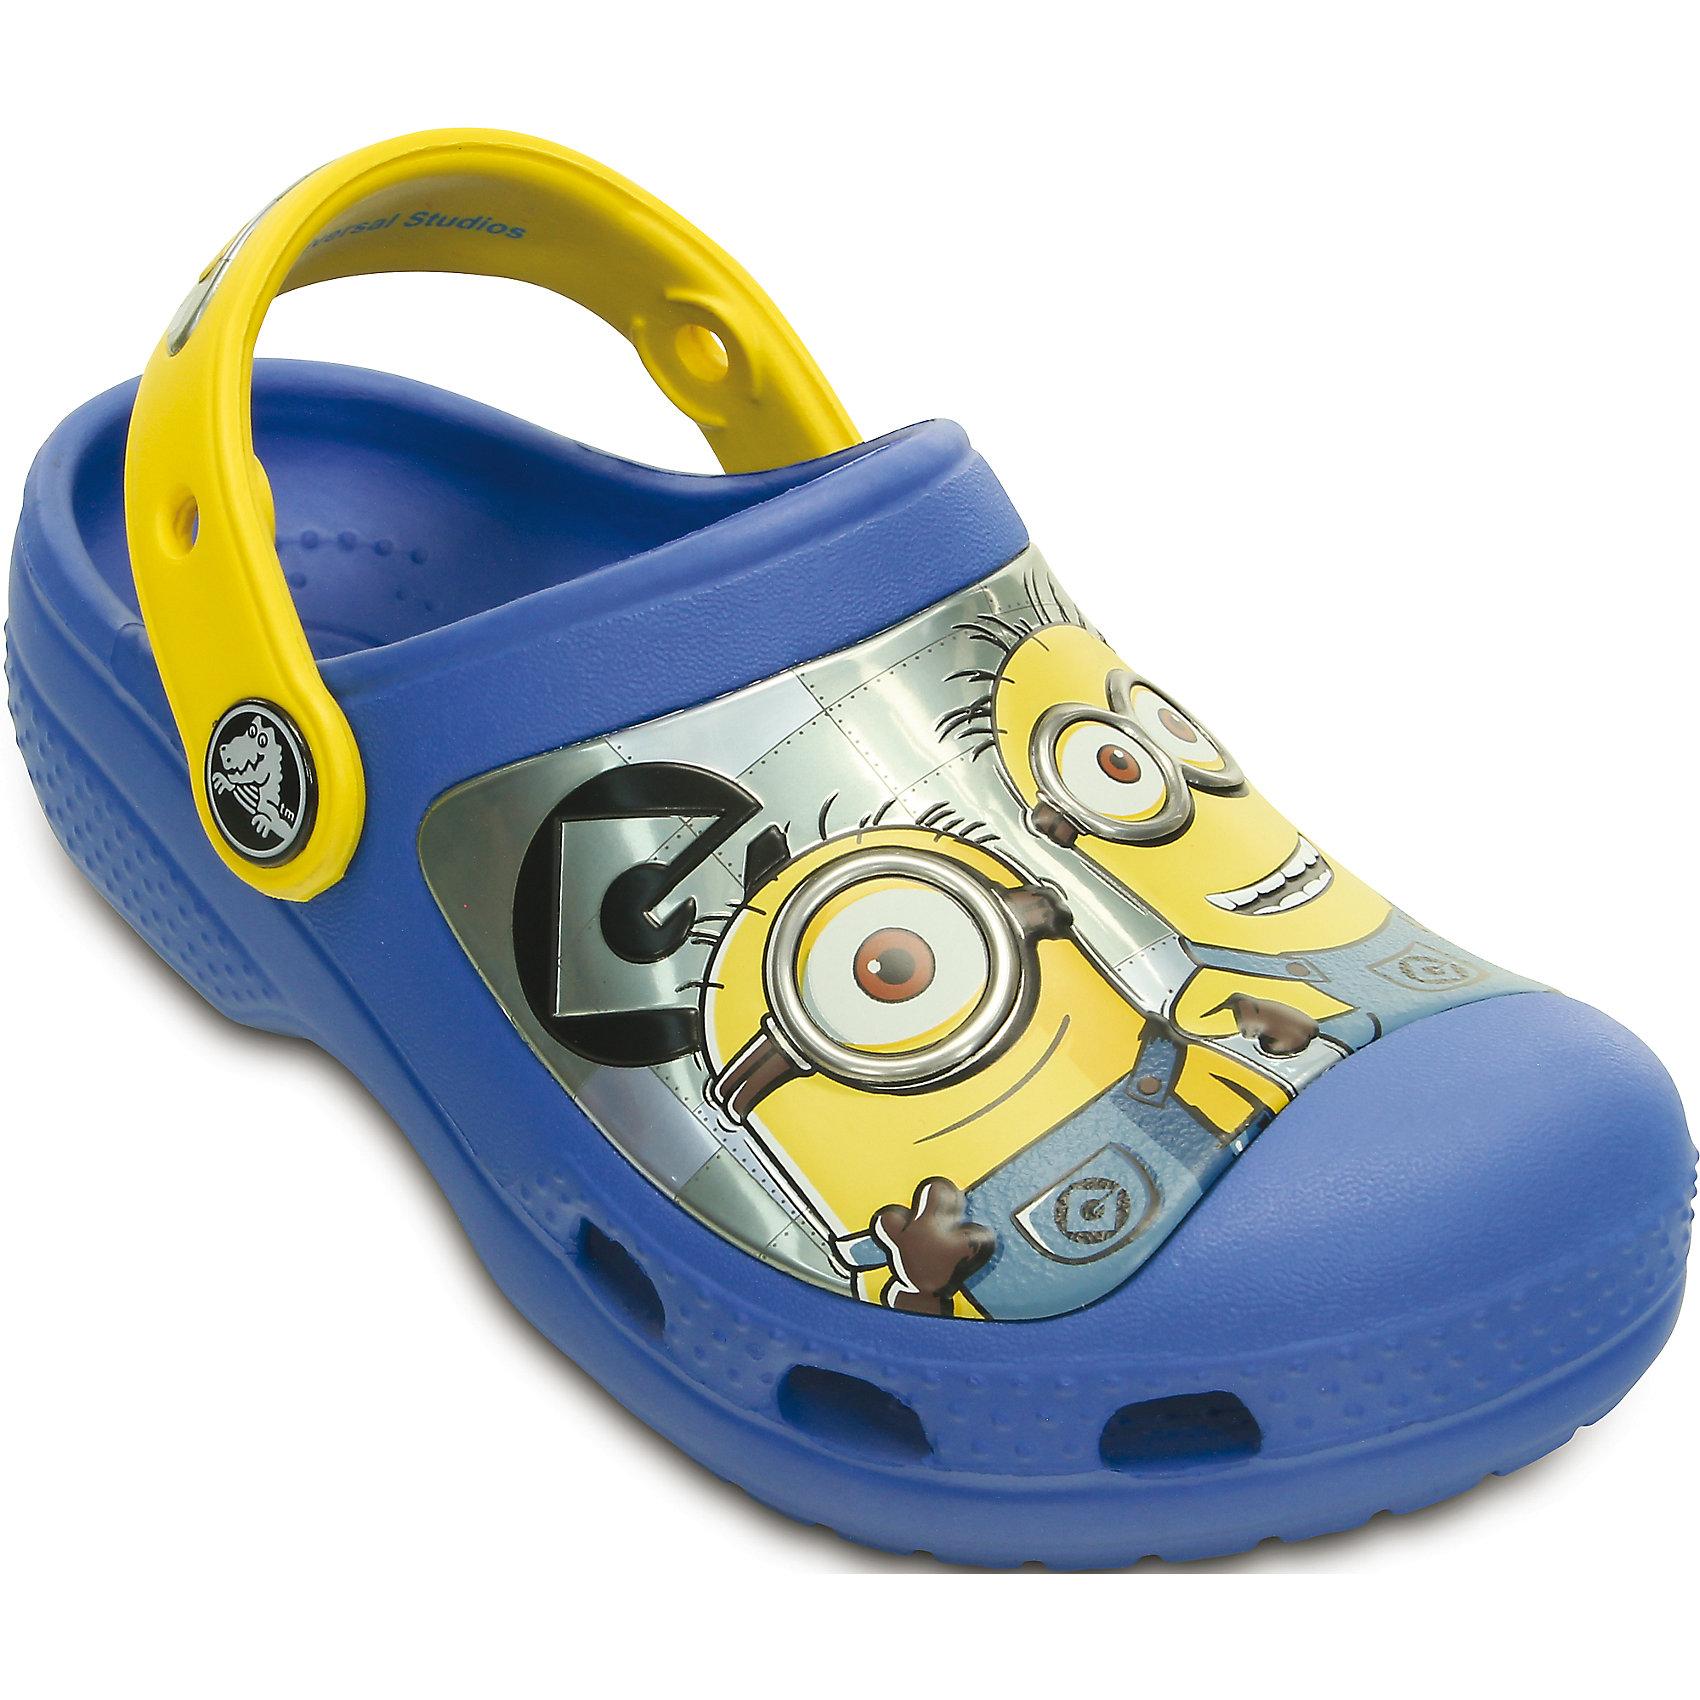 Сабо CC Minions Clg CrocsПляжная обувь<br>Характеристики товара:<br><br>• цвет: синий<br>• материал: 100% полимер Croslite™<br>• литая модель<br>• вентиляционные отверстия<br>• бактериостатичный материал<br>• пяточный ремешок фиксирует стопу<br>• толстая устойчивая подошва<br>• с принтом<br>• анатомическая стелька с массажными точками стимулирует кровообращение<br>• страна бренда: США<br>• страна изготовитель: Китай<br><br>Для правильного развития ребенка крайне важно, чтобы обувь была удобной. Такие сабо обеспечивают детям необходимый комфорт, а анатомическая стелька с массажными линиями для стимуляции кровообращения позволяет ножкам дольше не уставать. Сабо легко надеваются и снимаются, отлично сидят на ноге. Материал, из которого они сделаны, не дает размножаться бактериям, поэтому такая обувь препятствует образованию неприятного запаха и появлению болезней стоп. <br>Обувь от американского бренда Crocs в данный момент завоевала широкую популярность во всем мире, и это не удивительно - ведь она невероятно удобна. Её носят врачи, спортсмены, звёзды шоу-бизнеса, люди, которым много времени приходится бывать на ногах - они понимают, как важна комфортная обувь. Продукция Crocs - это качественные товары, созданные с применением новейших технологий. Обувь отличается стильным дизайном и продуманной конструкцией. Изделие производится из качественных и проверенных материалов, которые безопасны для детей.<br><br>Сабо от торговой марки Crocs можно купить в нашем интернет-магазине.<br><br>Ширина мм: 225<br>Глубина мм: 139<br>Высота мм: 112<br>Вес г: 290<br>Цвет: синий<br>Возраст от месяцев: -2147483648<br>Возраст до месяцев: 2147483647<br>Пол: Унисекс<br>Возраст: Детский<br>Размер: 23/24,27/28,29/30,31/32,25/26,21/22<br>SKU: 4639477